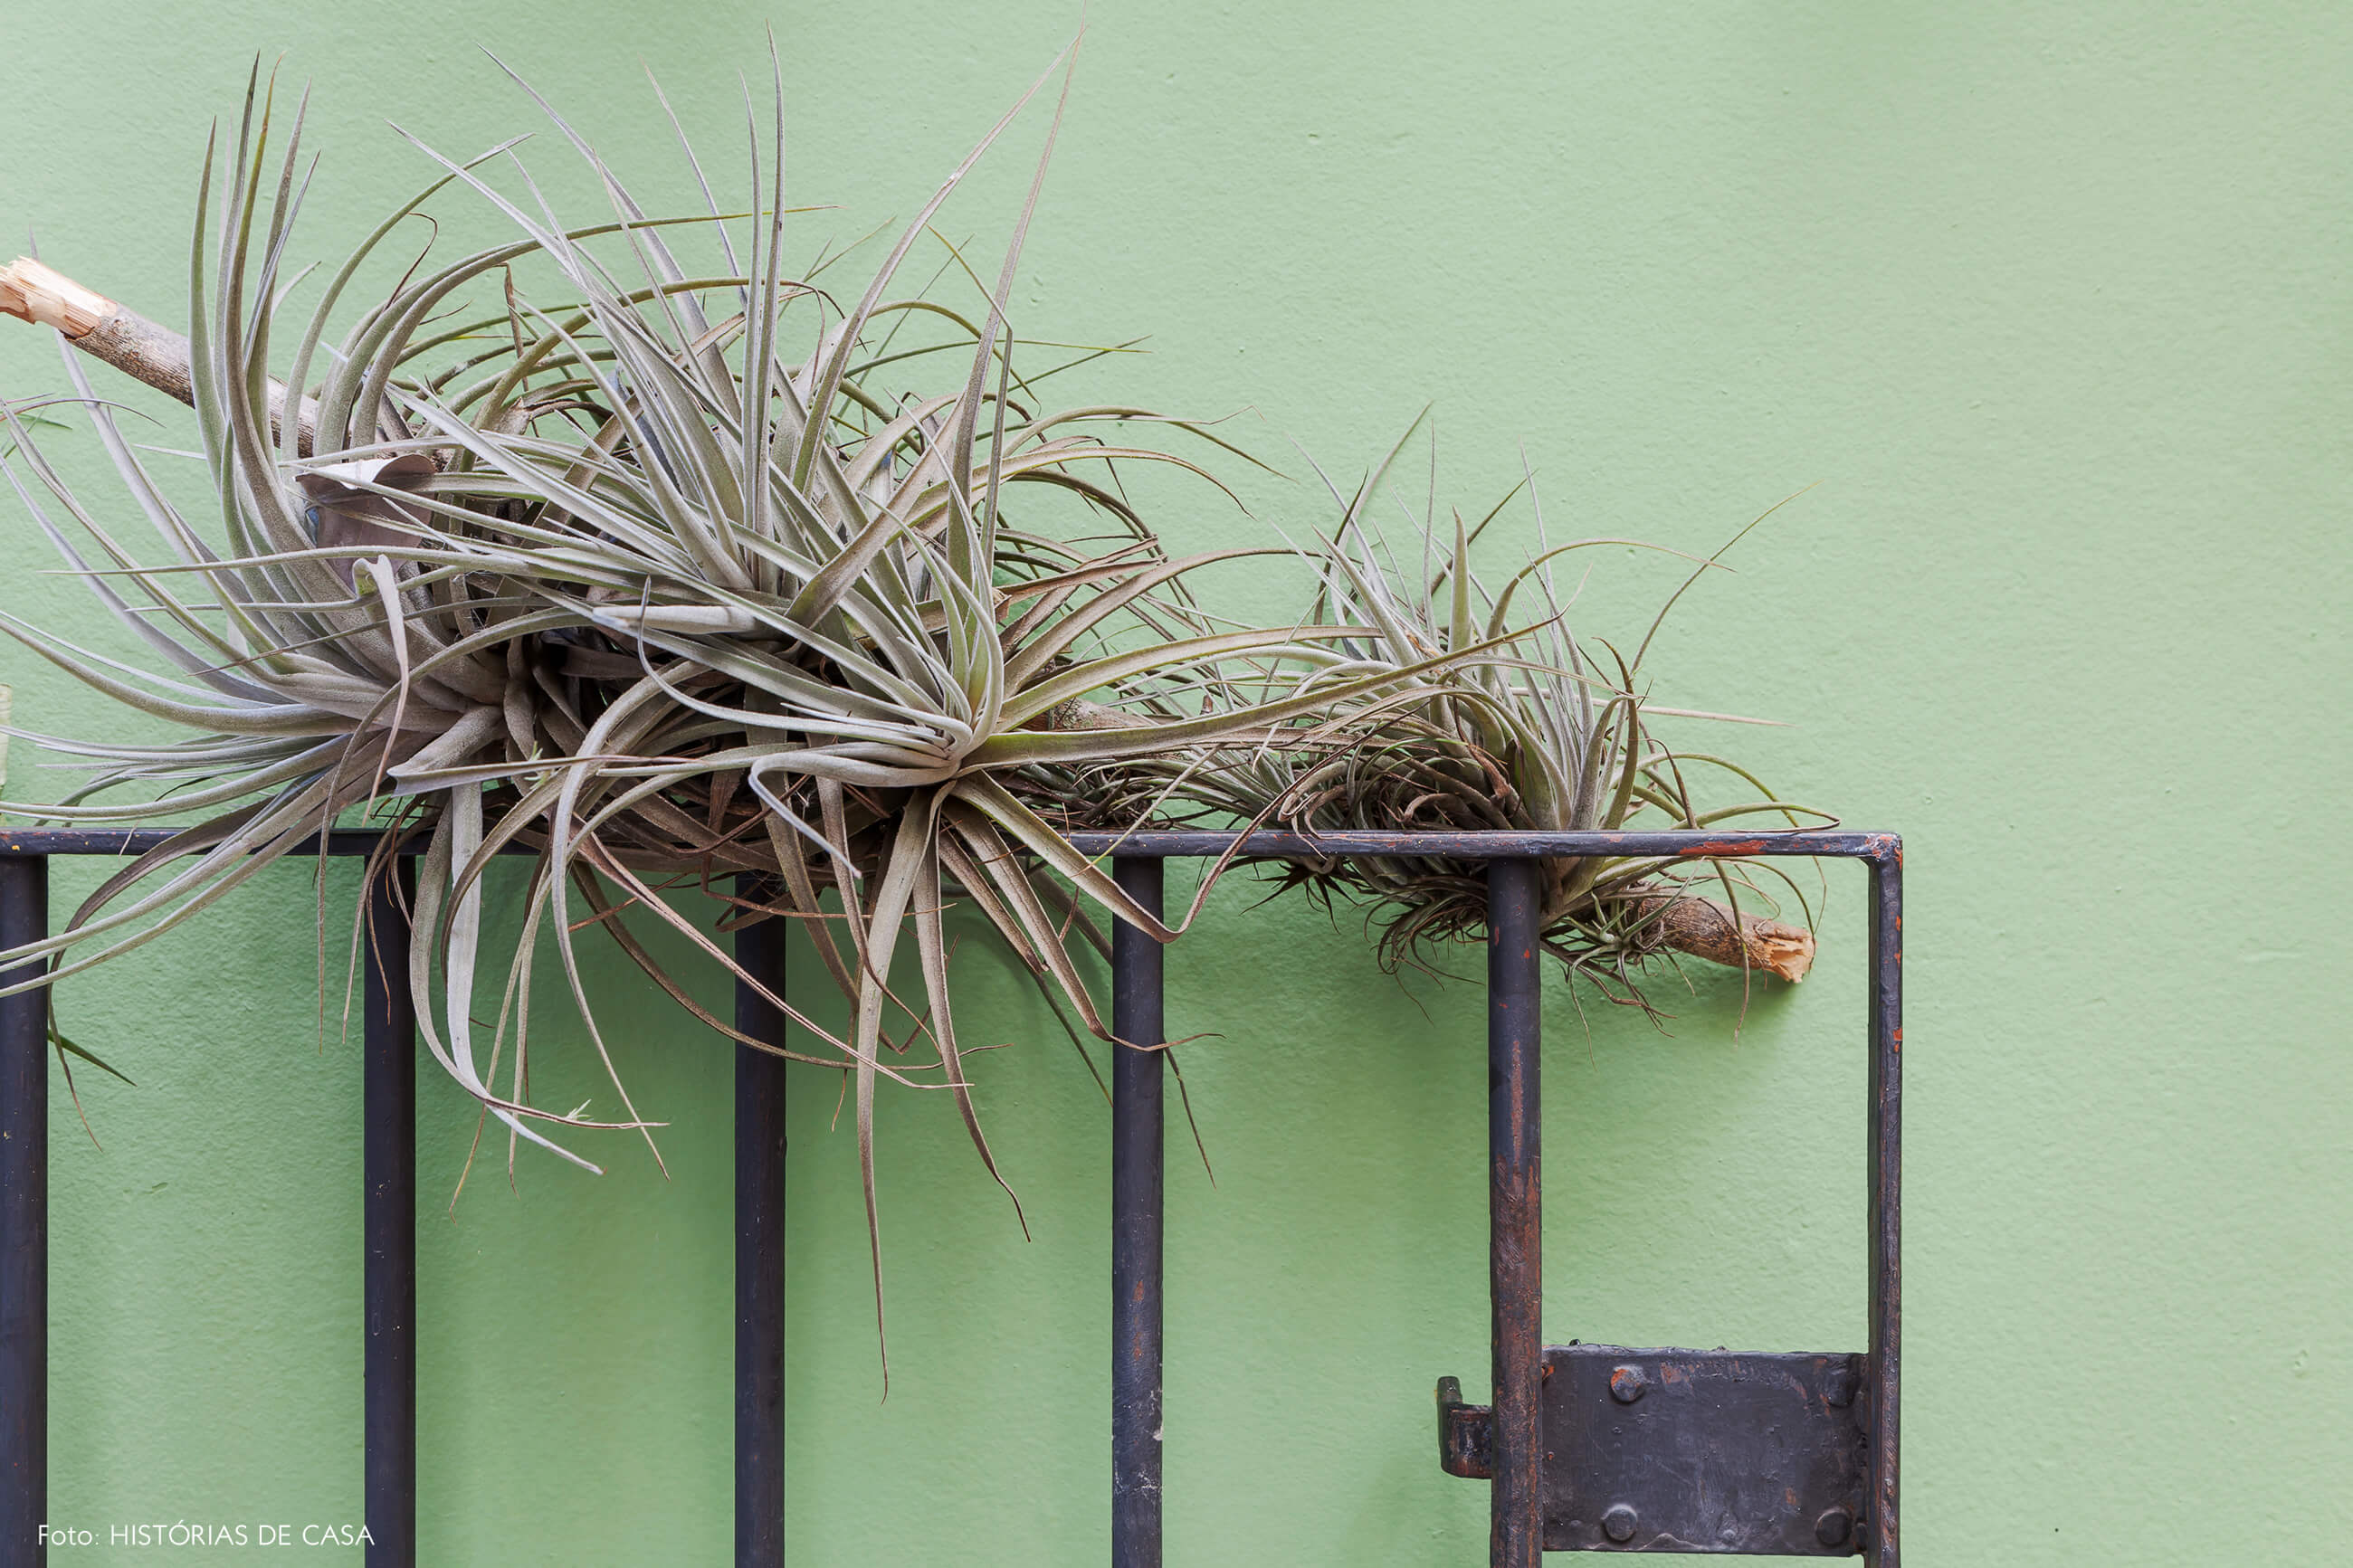 Parede verde e jardim com airplants